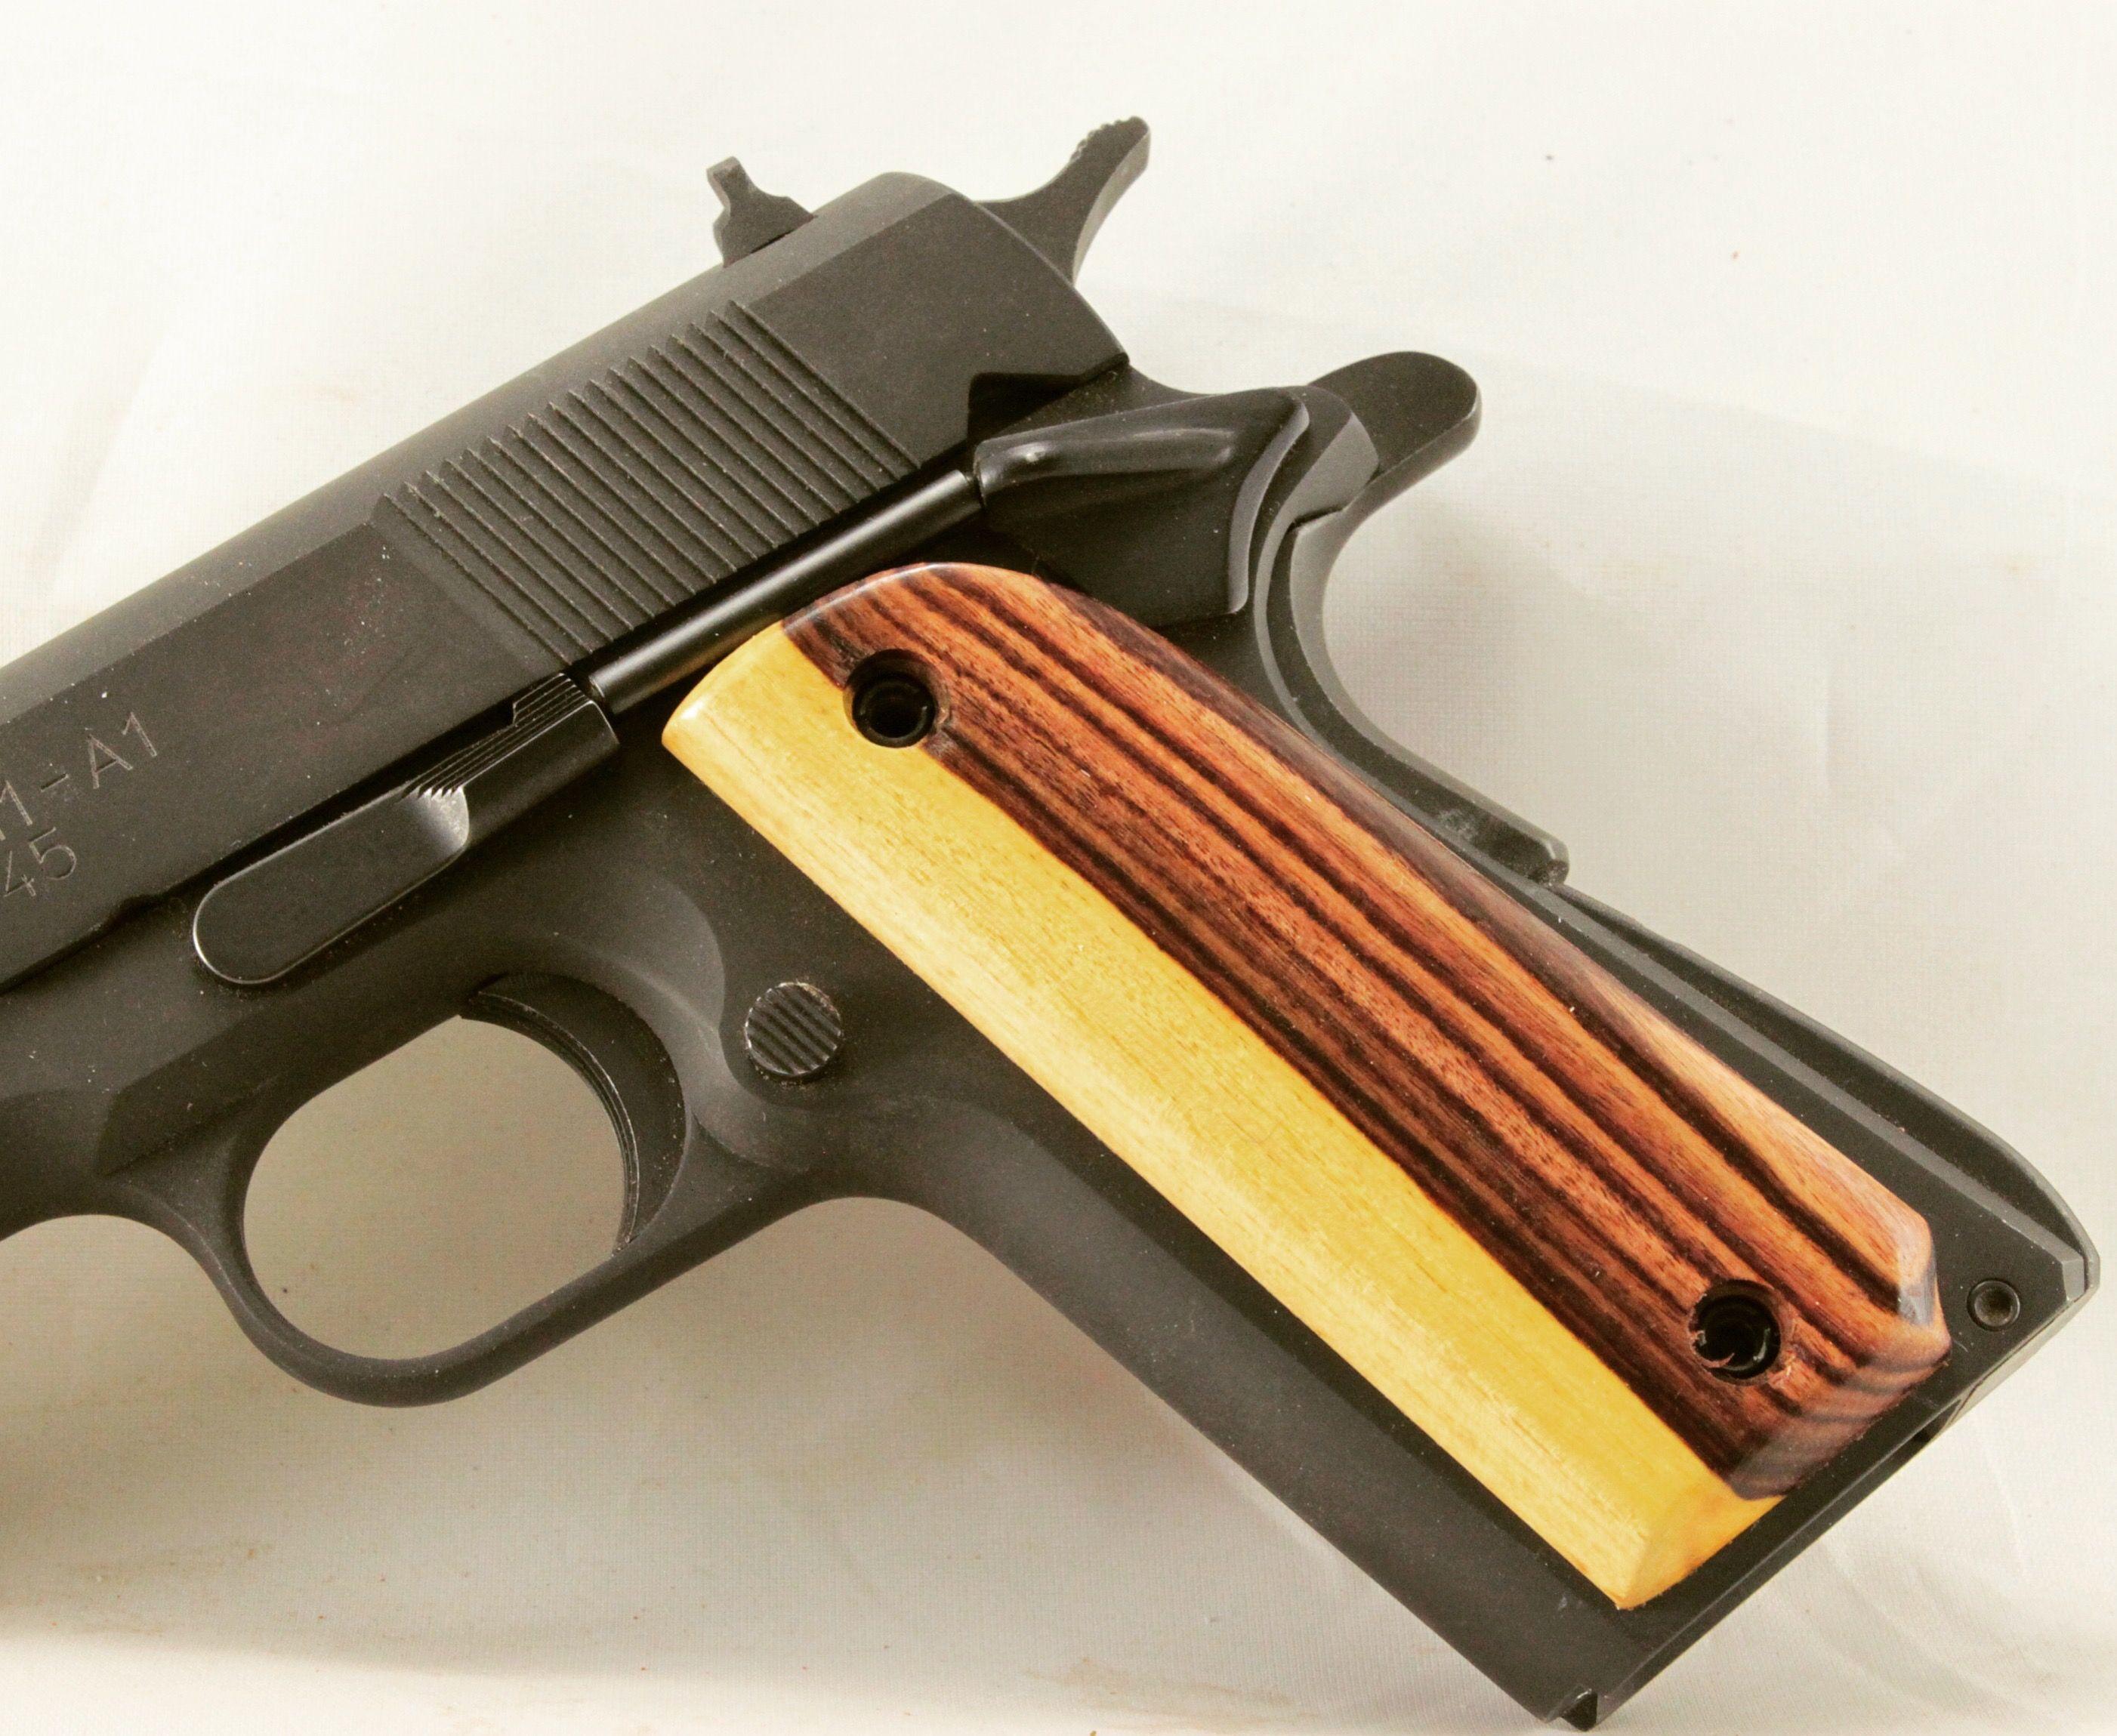 Kingswood gun grips  #gun, guns, wood, custom, forsale, survival